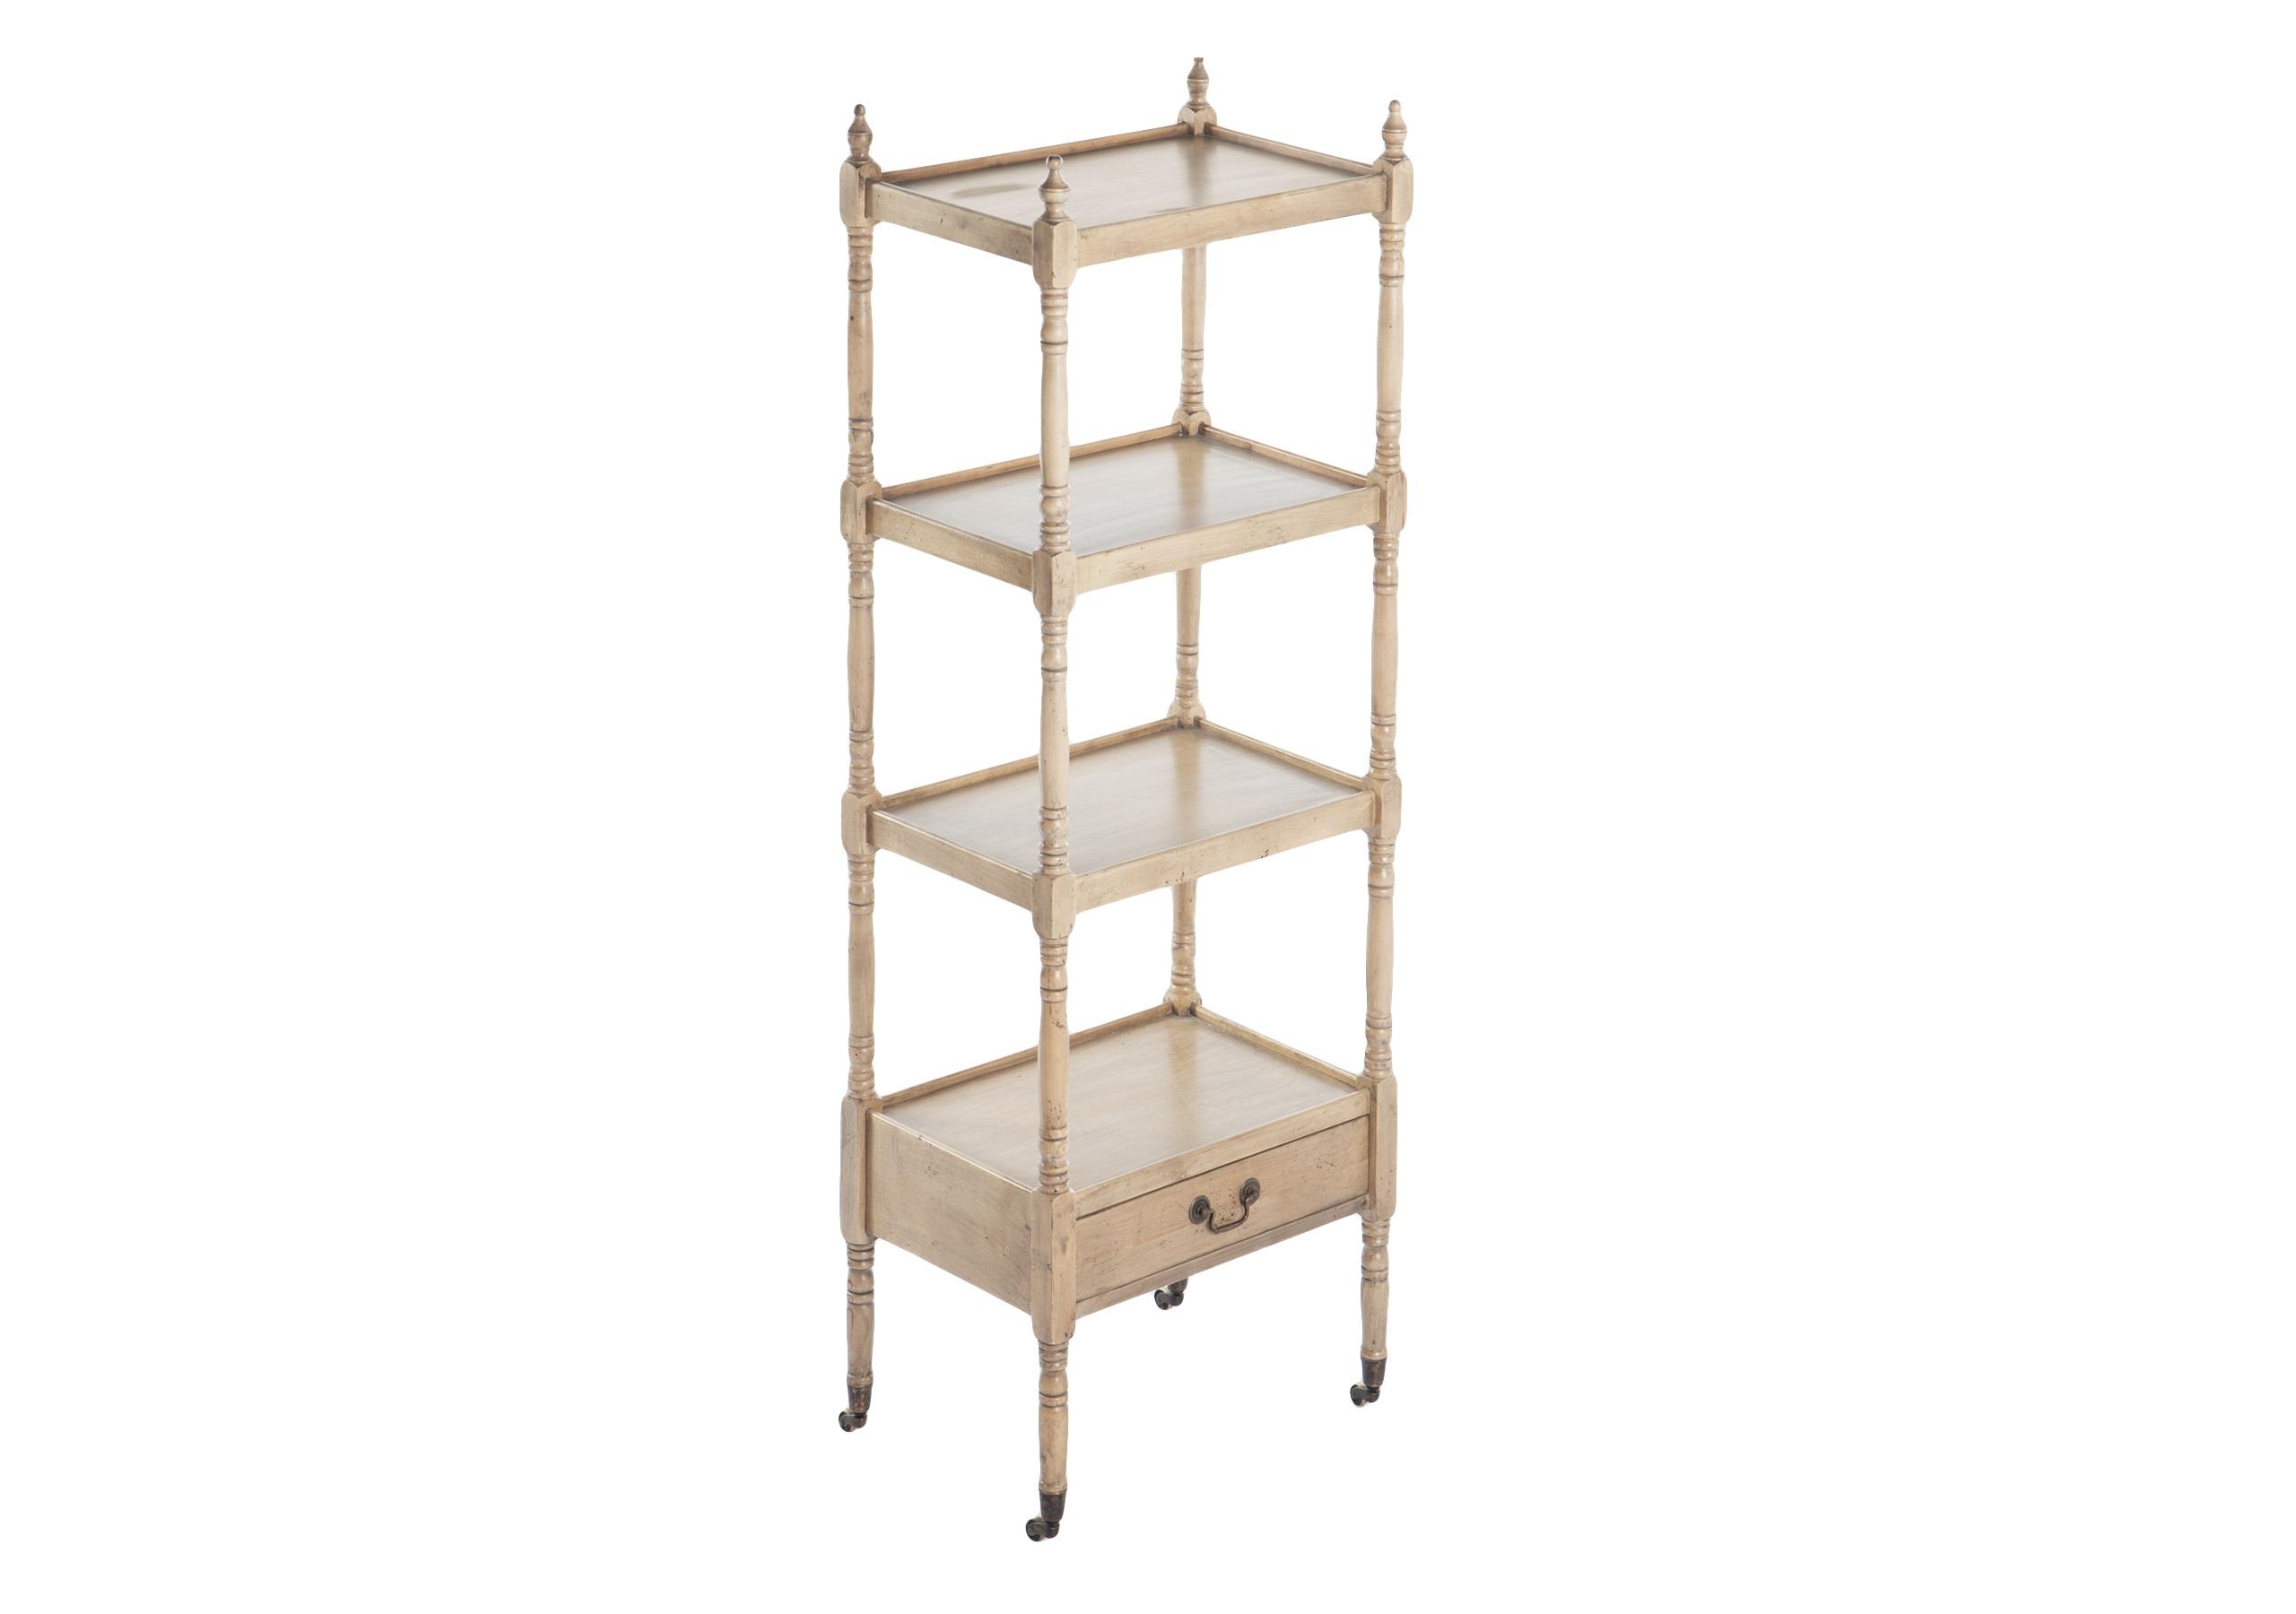 Этажерка передвижнаяСтеллажи и этажерки<br>Резная этажерка на колесиках с одним выдвижным ящиком.<br><br>Material: Береза<br>Width см: 50<br>Depth см: 35<br>Height см: 142